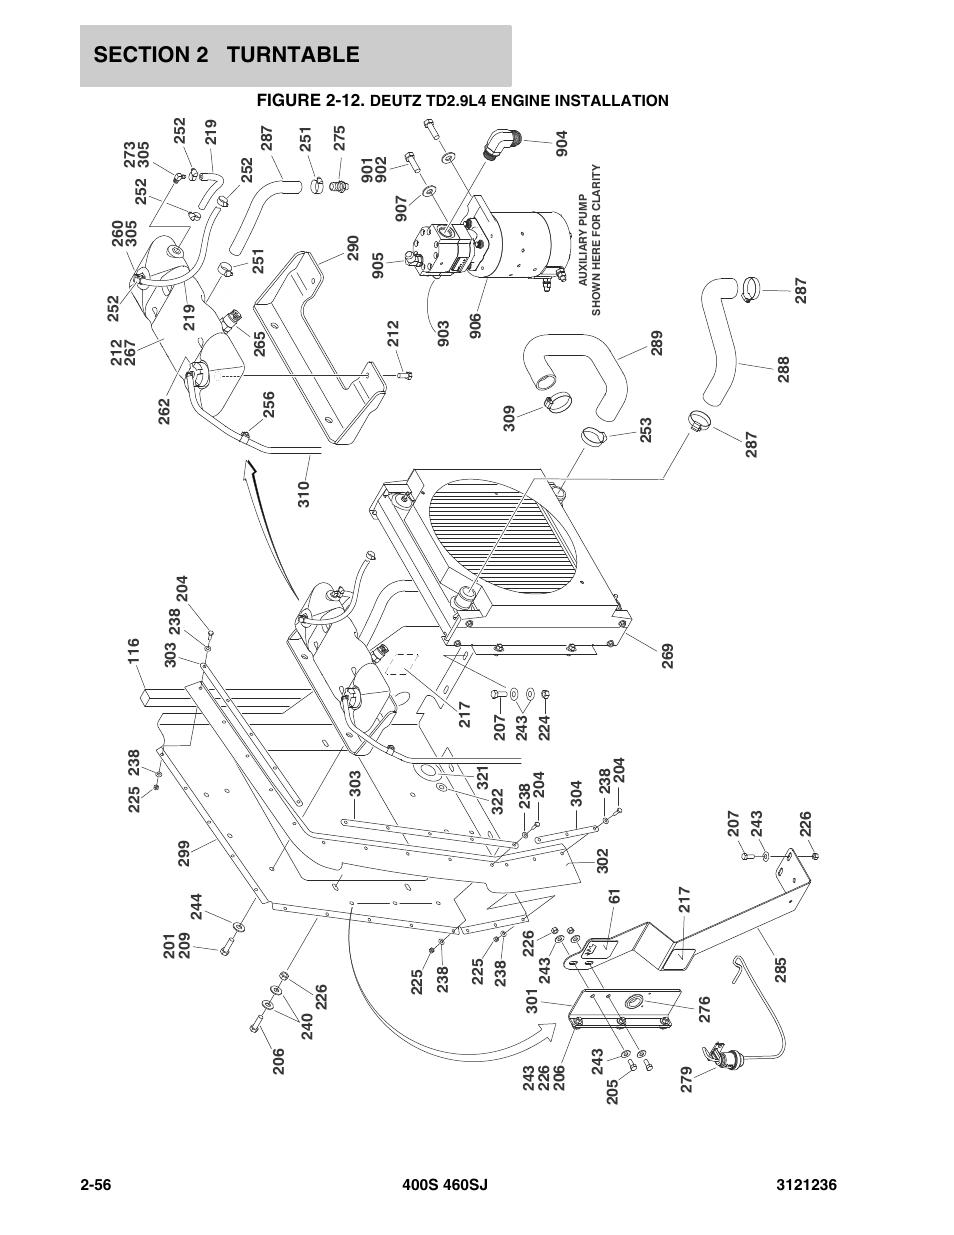 Figure 2-12. deutz td2.9l4 engine installation, Deutz td2.9l4 engine  installation -56   JLG 460SJ Parts Manual User Manual   Page 118 / 430